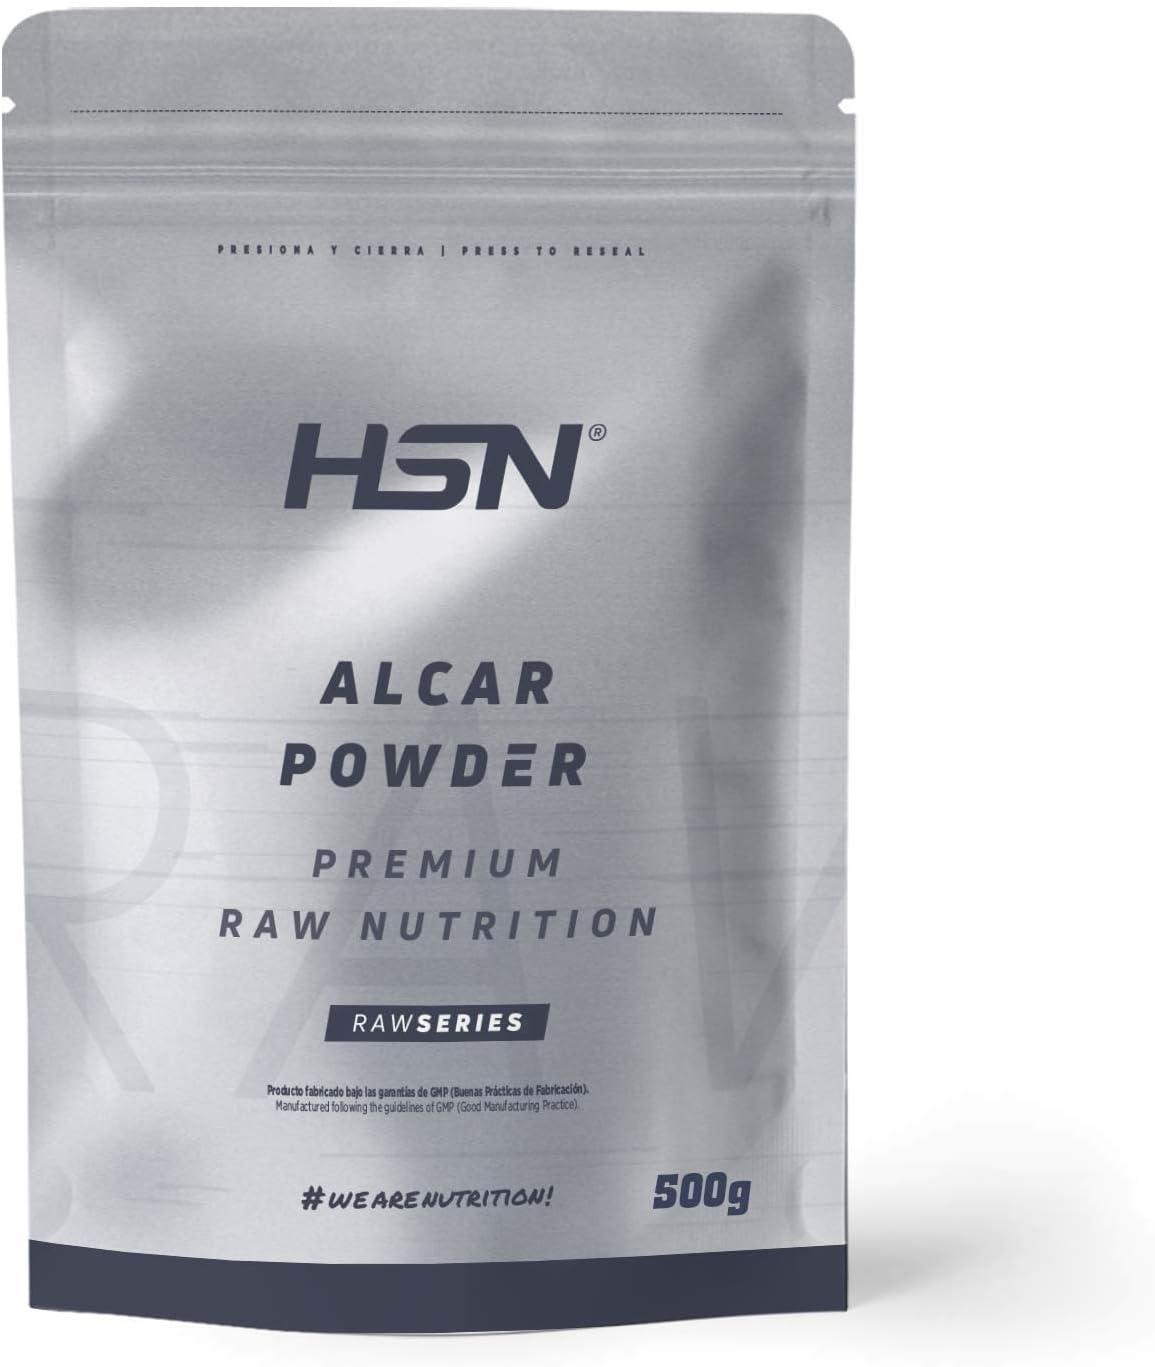 ALCAR (Acetil L-Carnitina) de HSN | Nootrópico, Apoyo Cognitivo, Para Estudiar, Concentración, Efecto Antioxidante | Vegano, Sin Gluten, Sin Lactosa, En Polvo, Sin Sabor, 500g